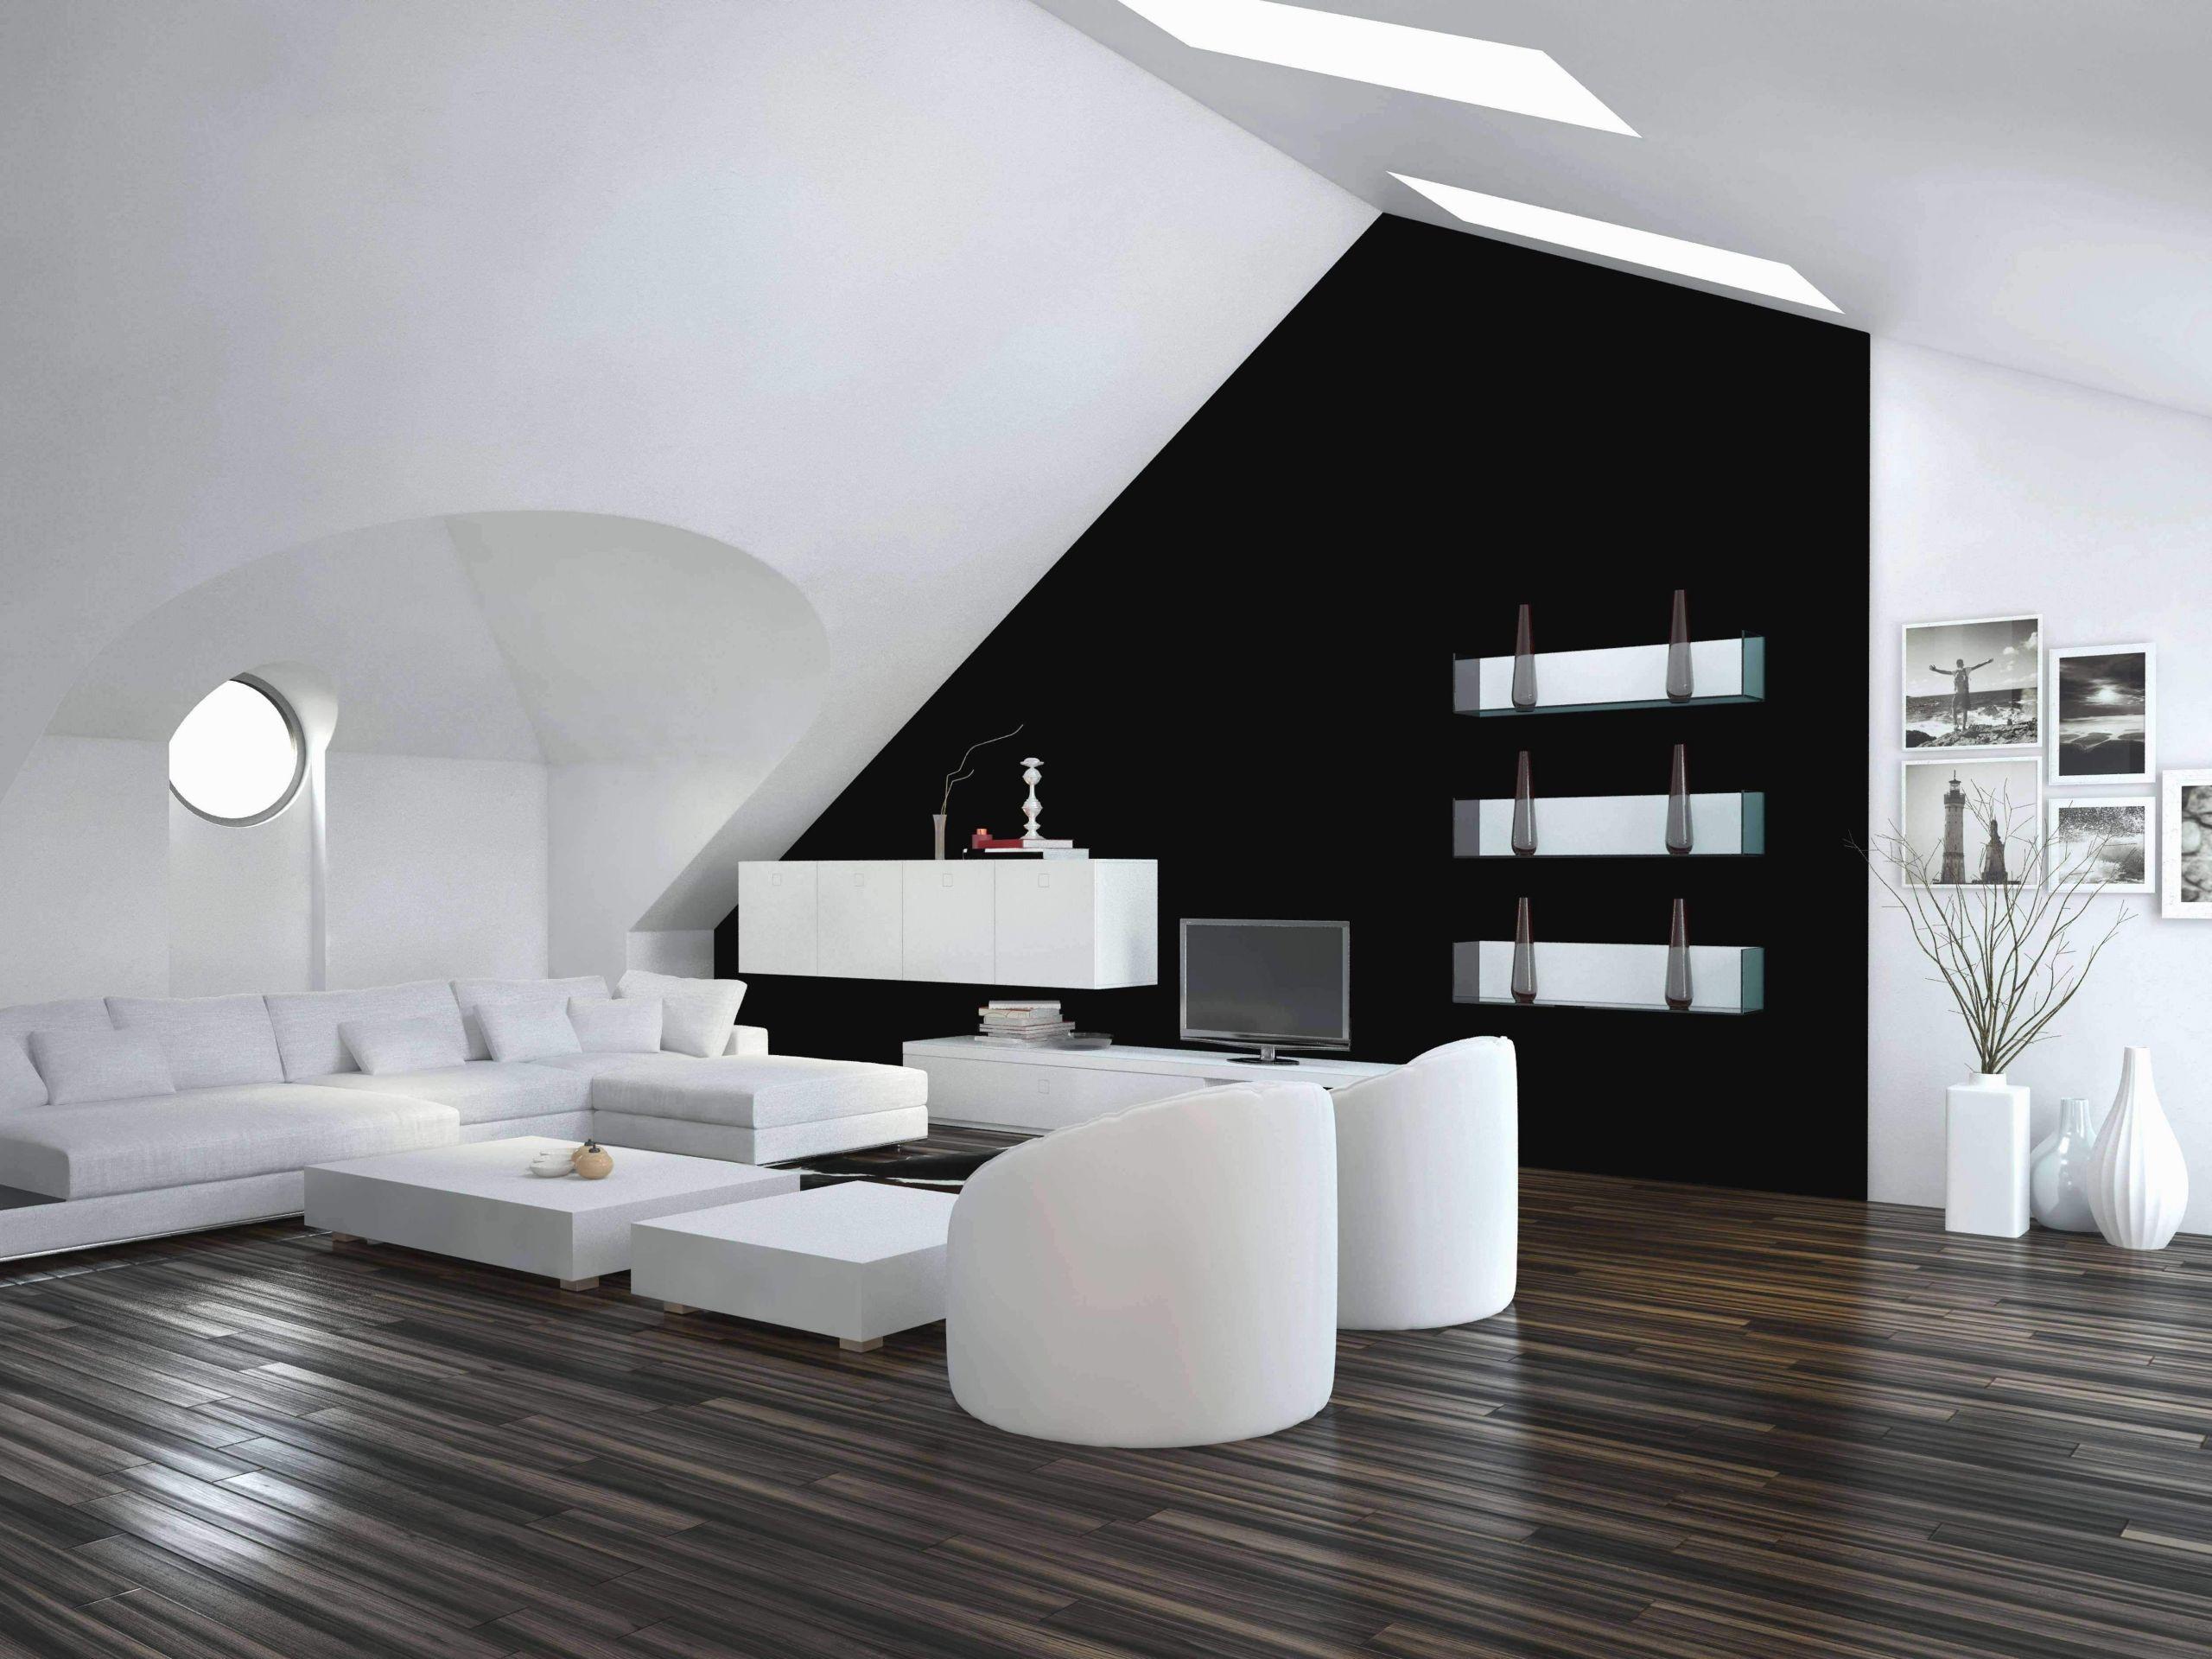 dekoration wohnzimmer das beste von wohnzimmer deko ideen aktuelle wohnzimmer ideen 0d archives of dekoration wohnzimmer